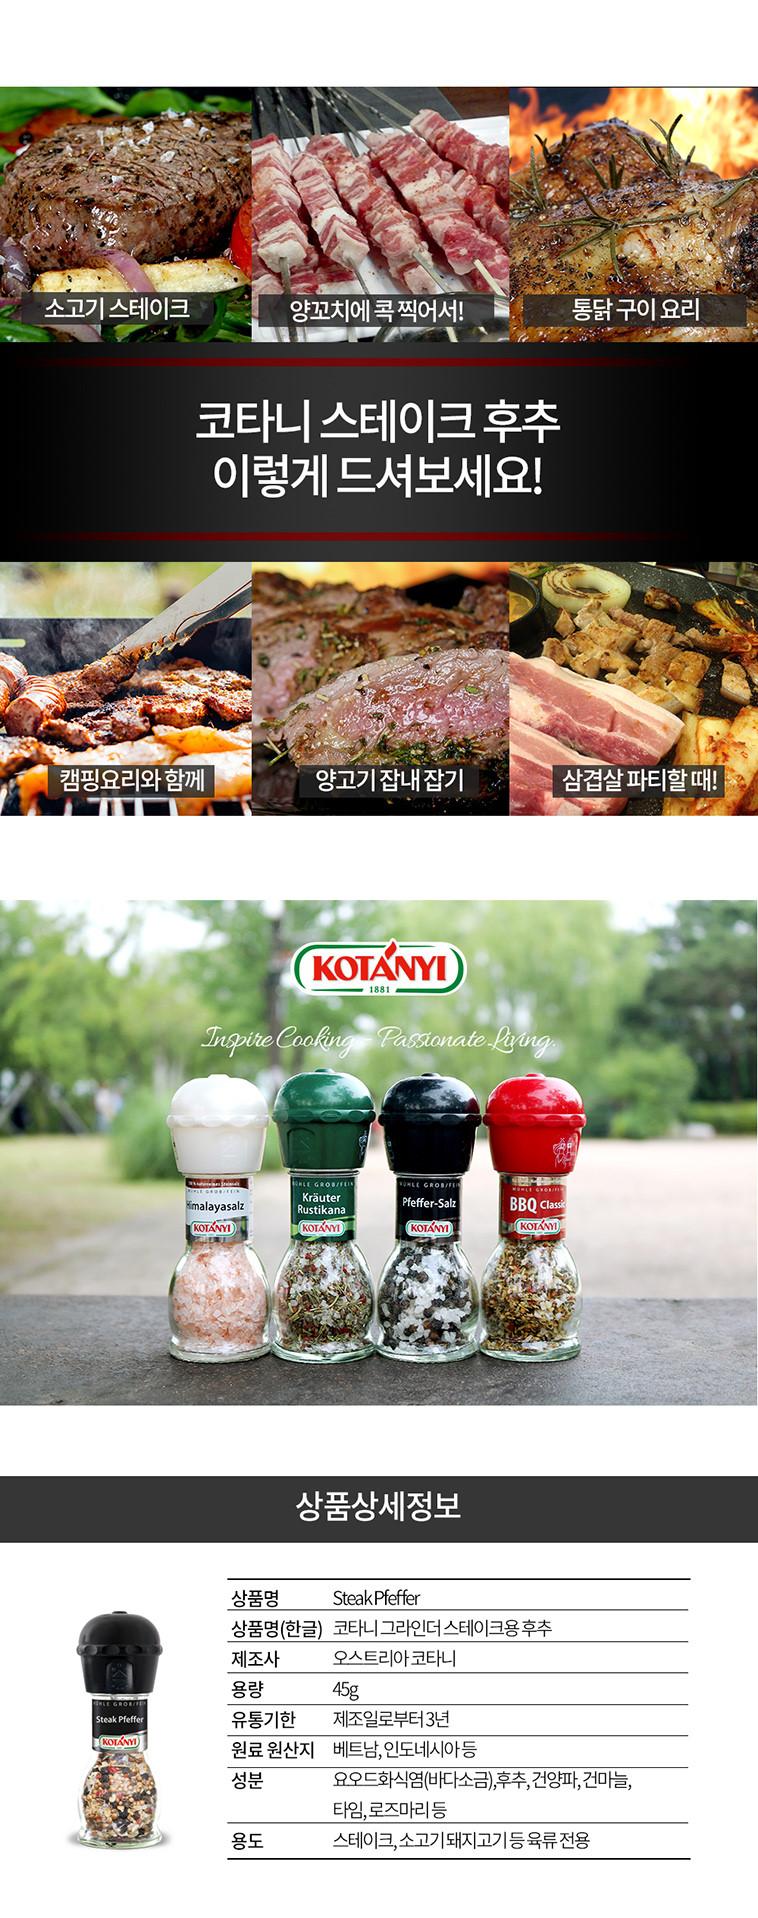 코타니-스테이크 후추 그라인더 - 코타니, 6,900원, 조미료, 후추/향신료